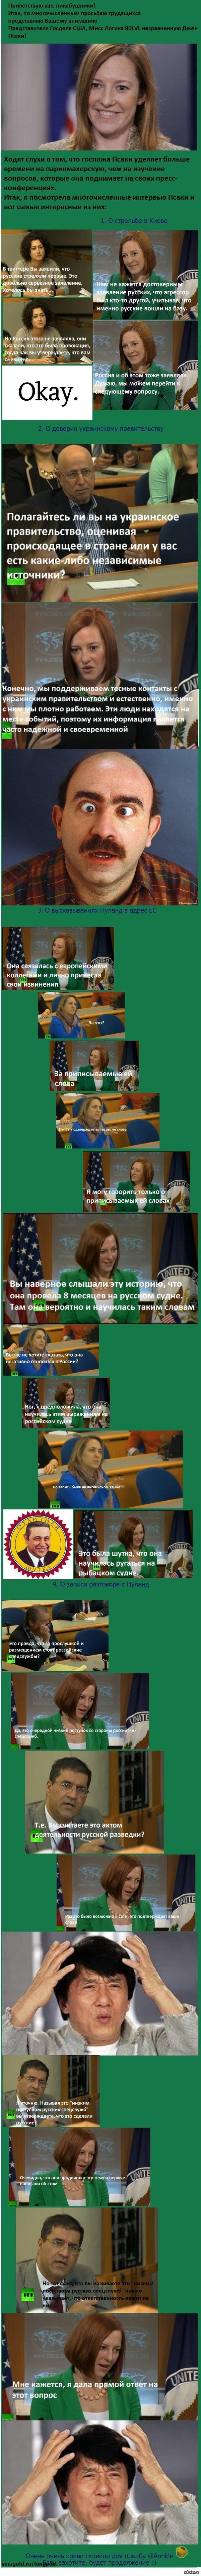 jen_psaki